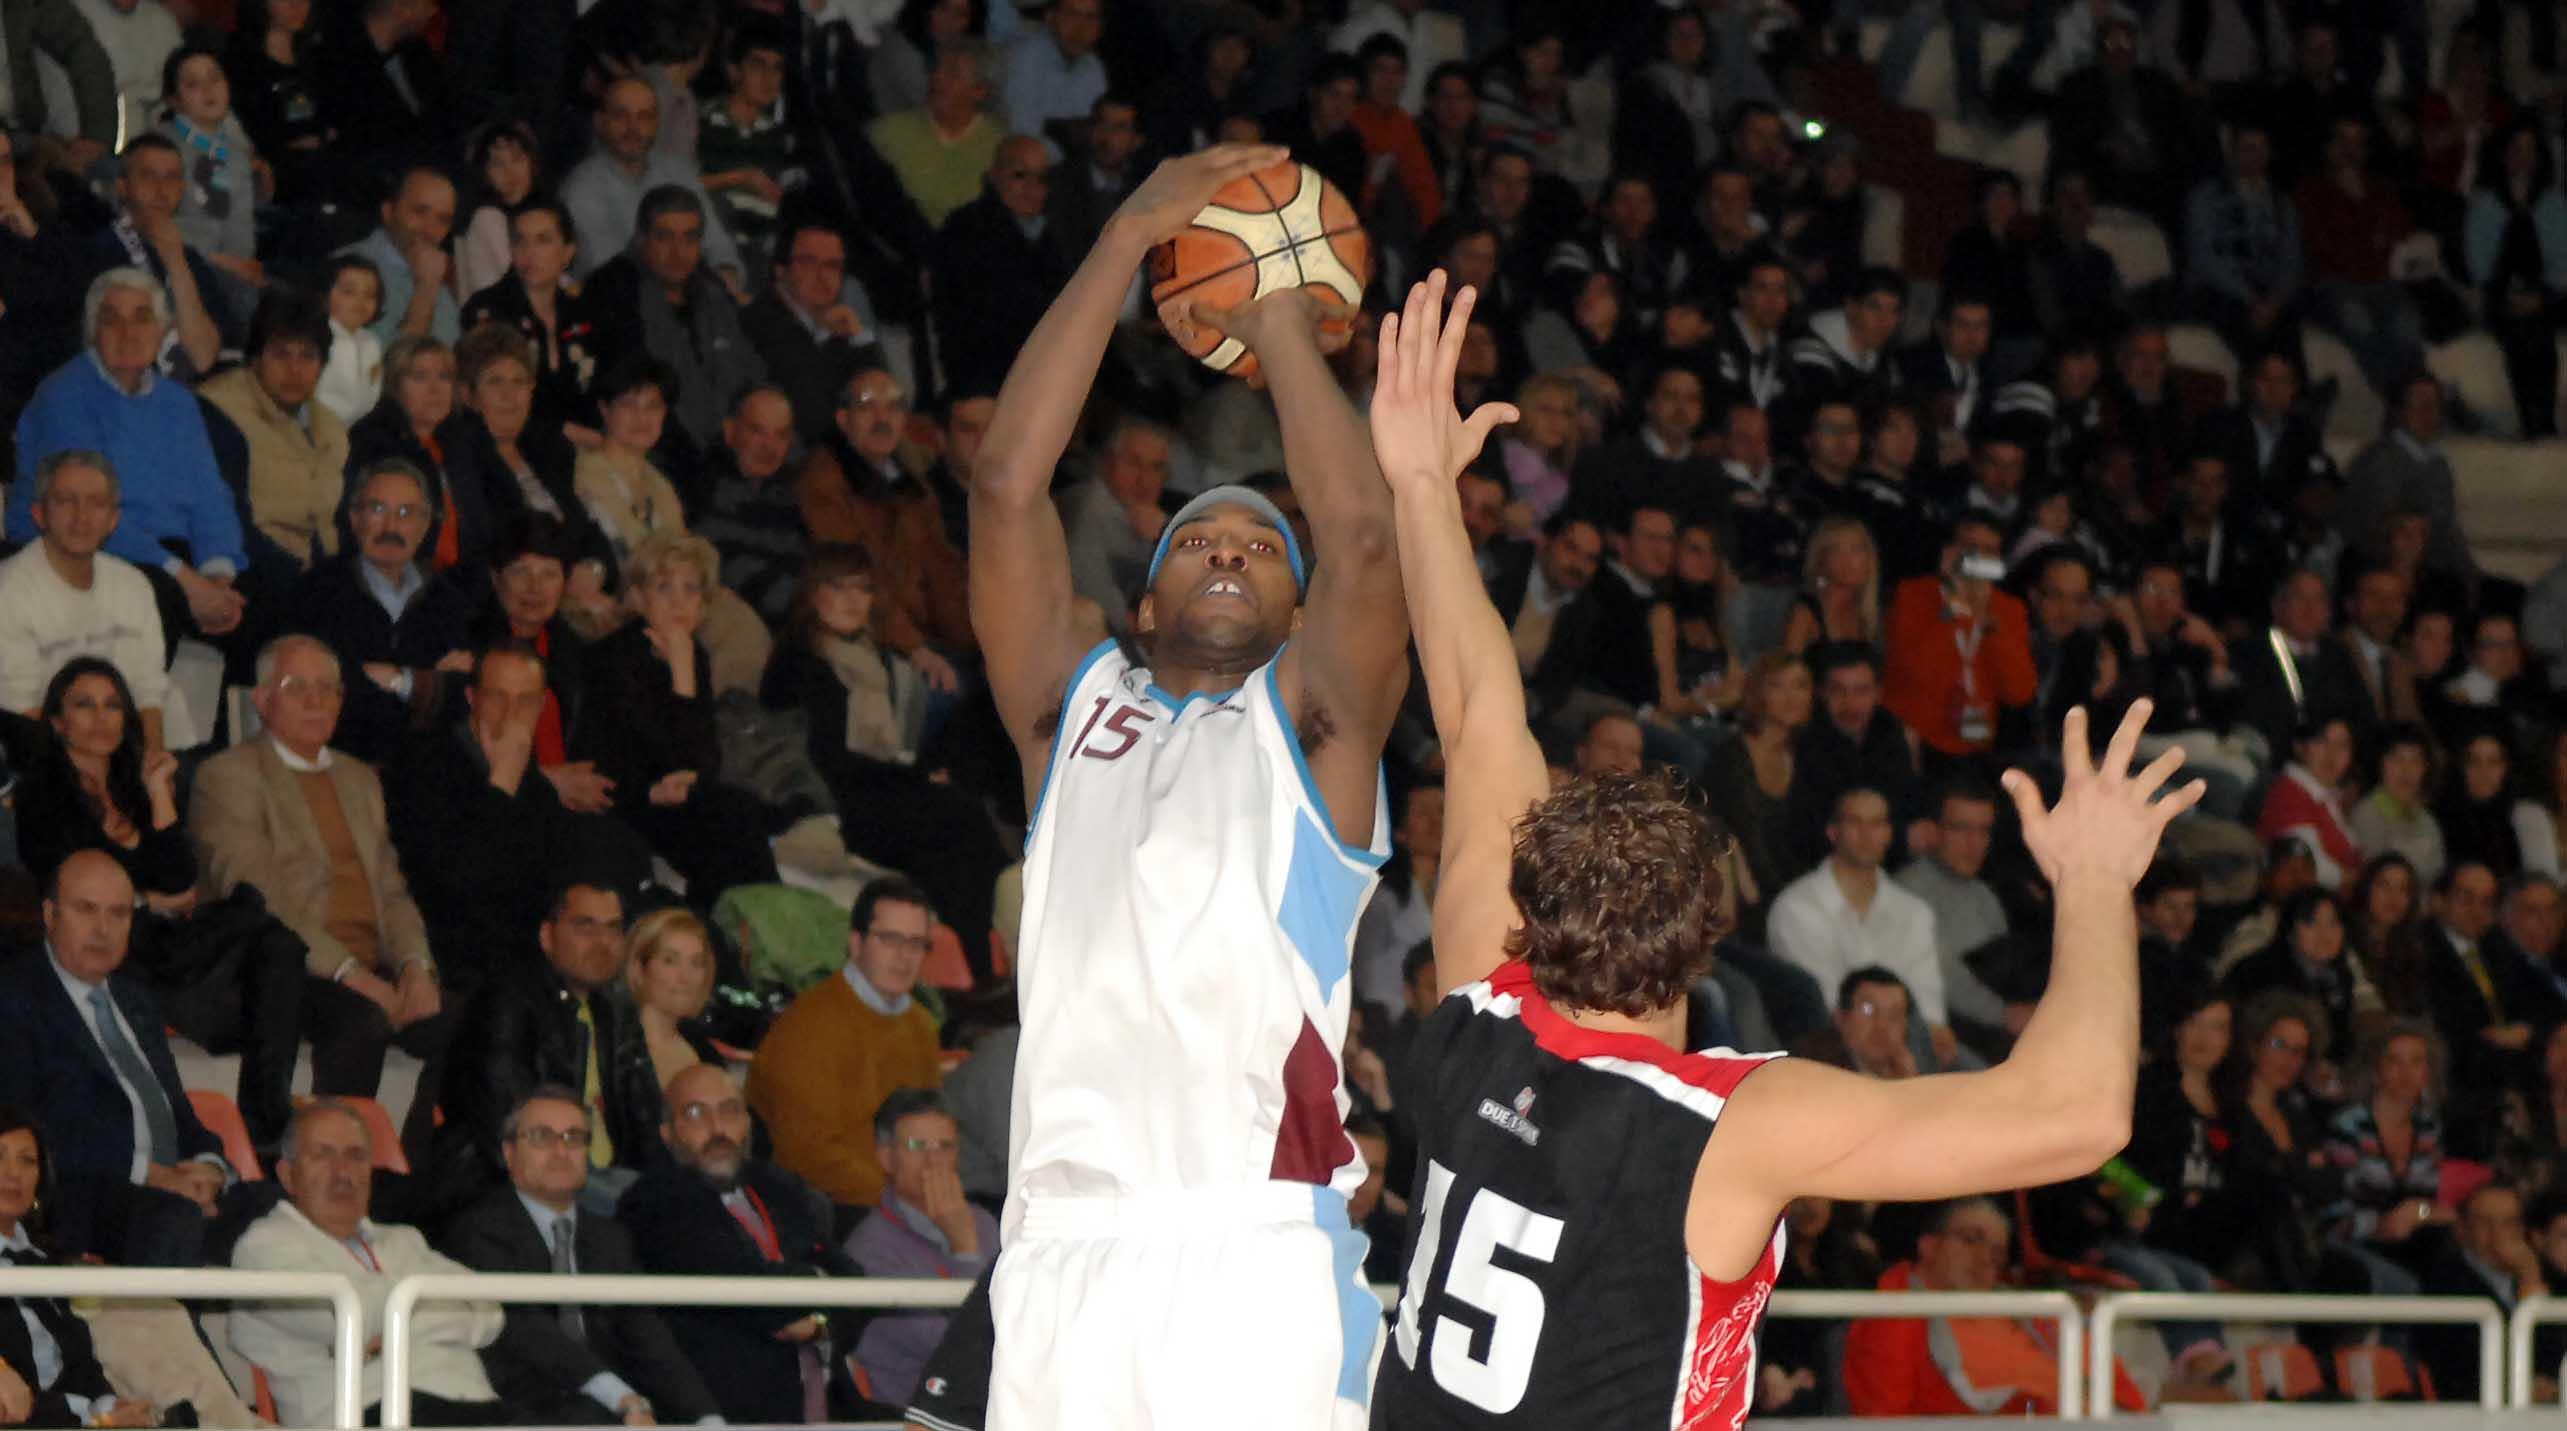 Marcus Melvin